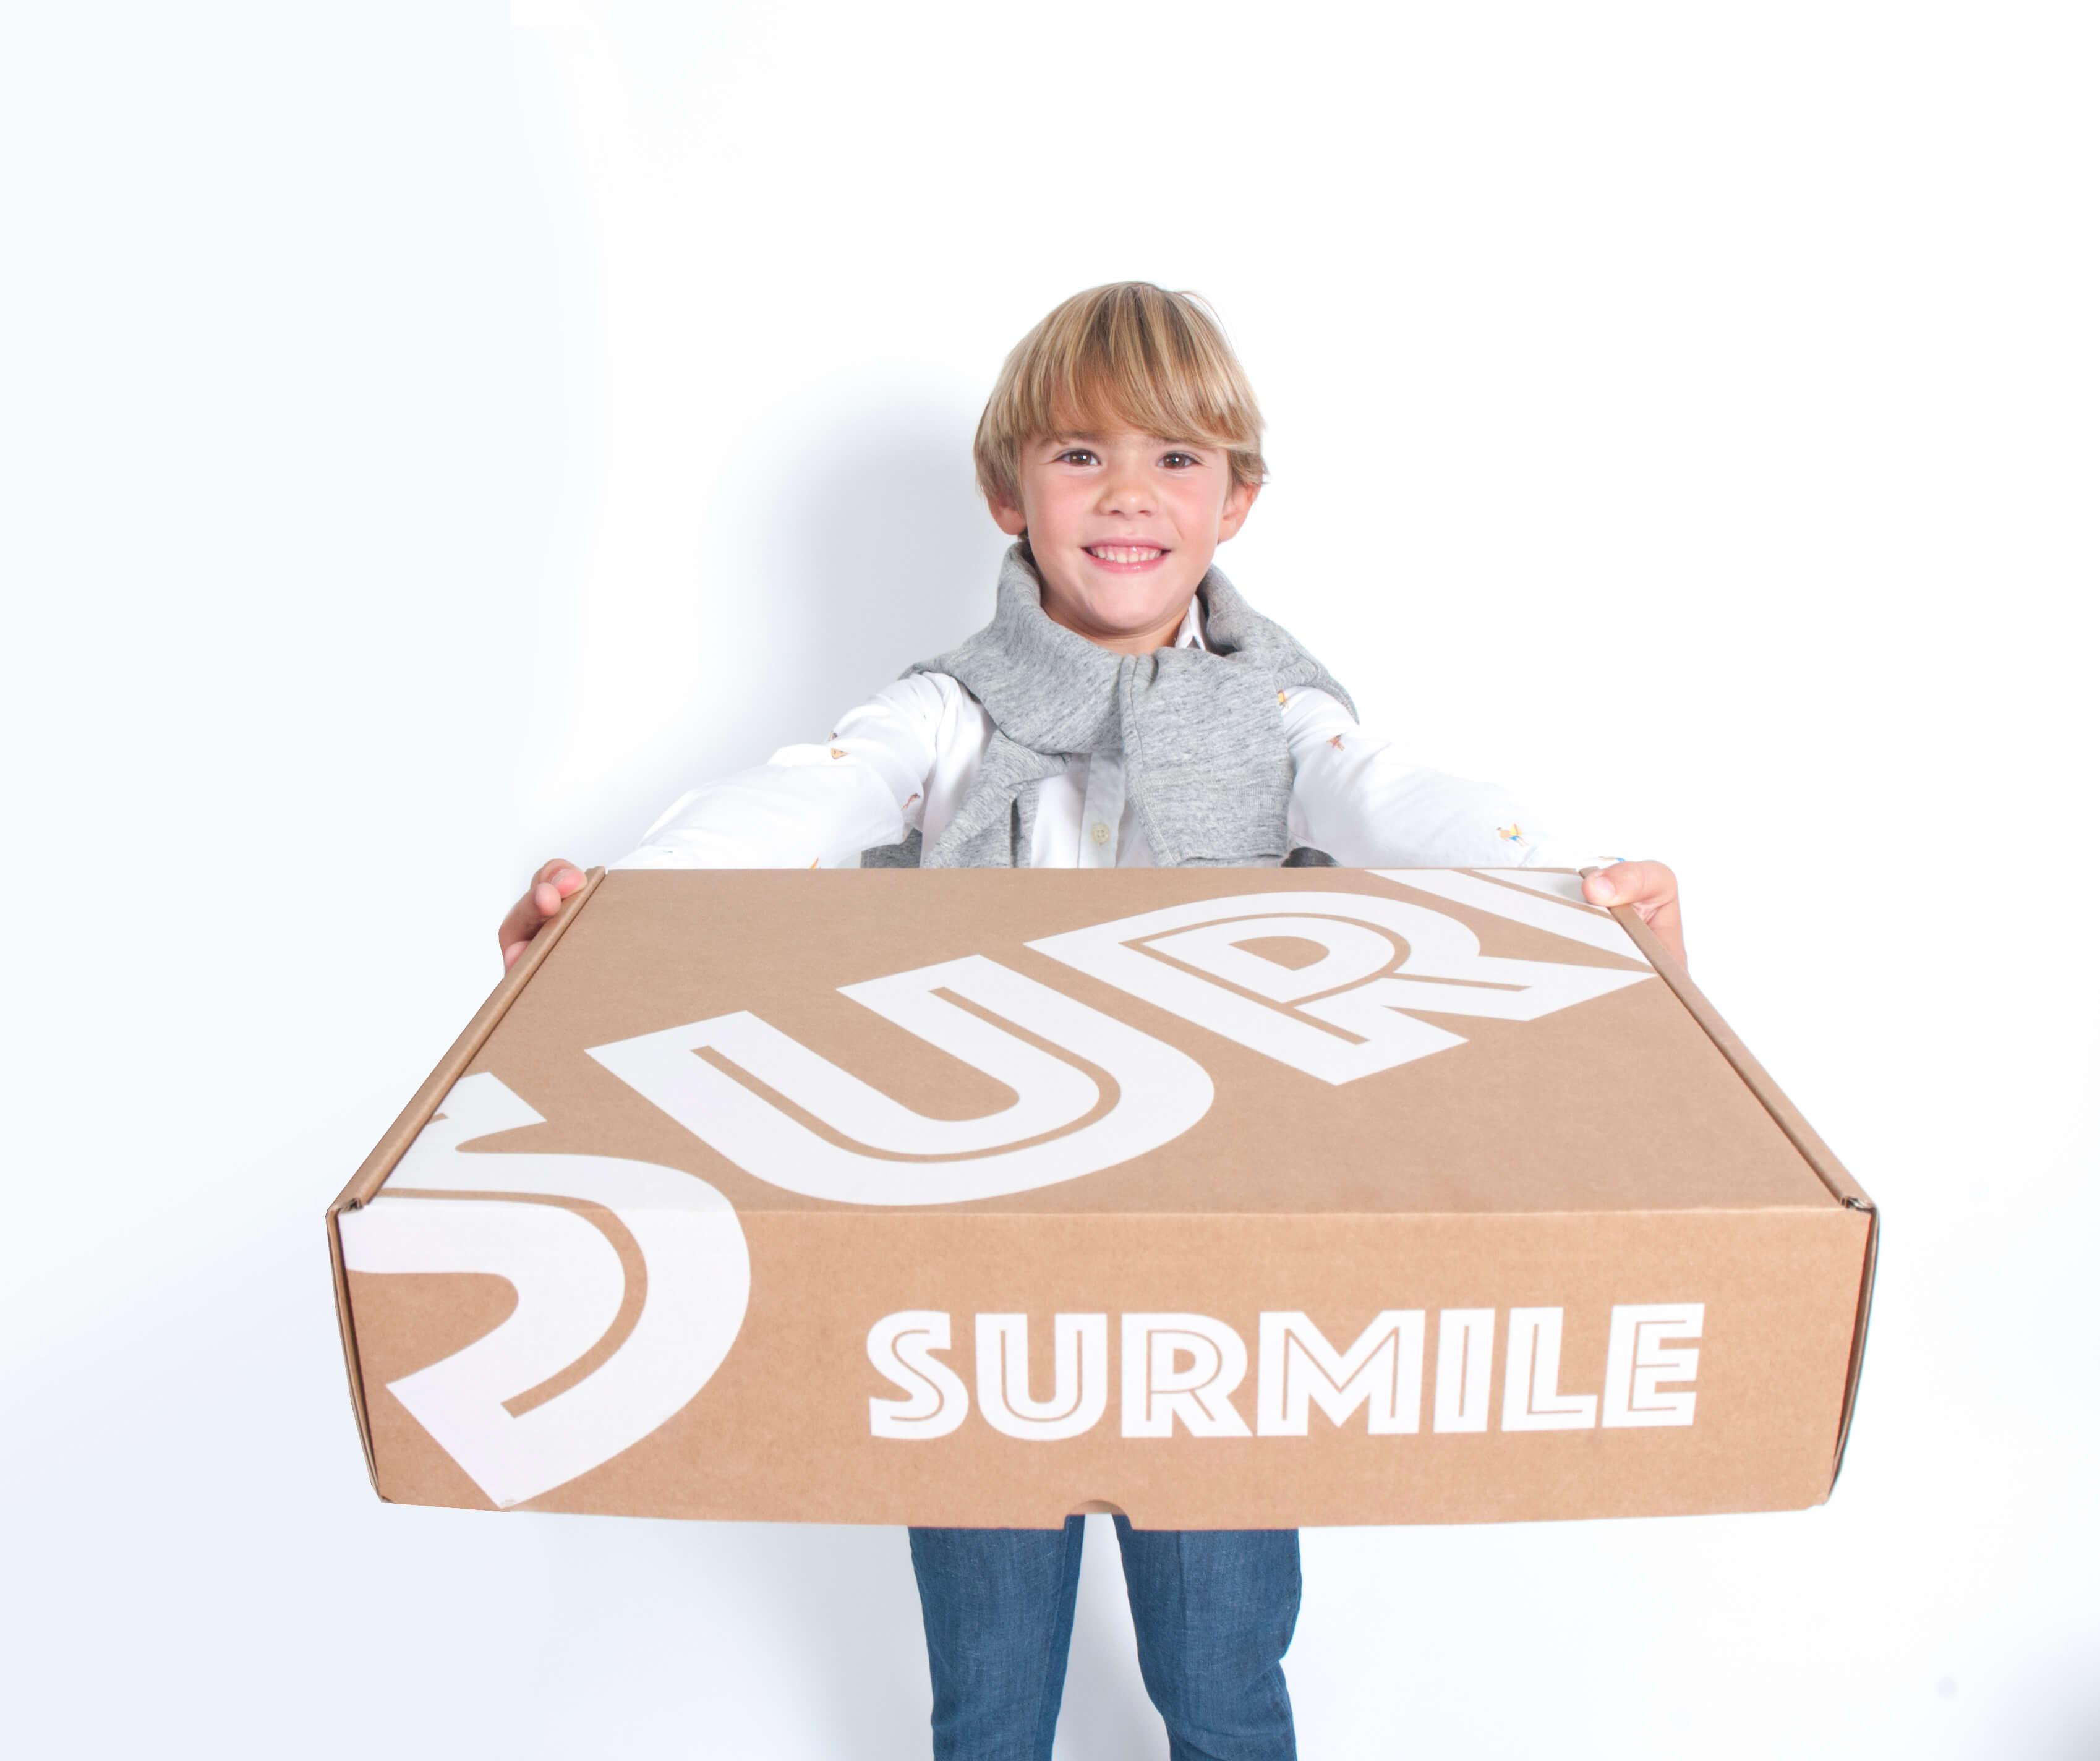 un niño sostiene una caja de Surmile